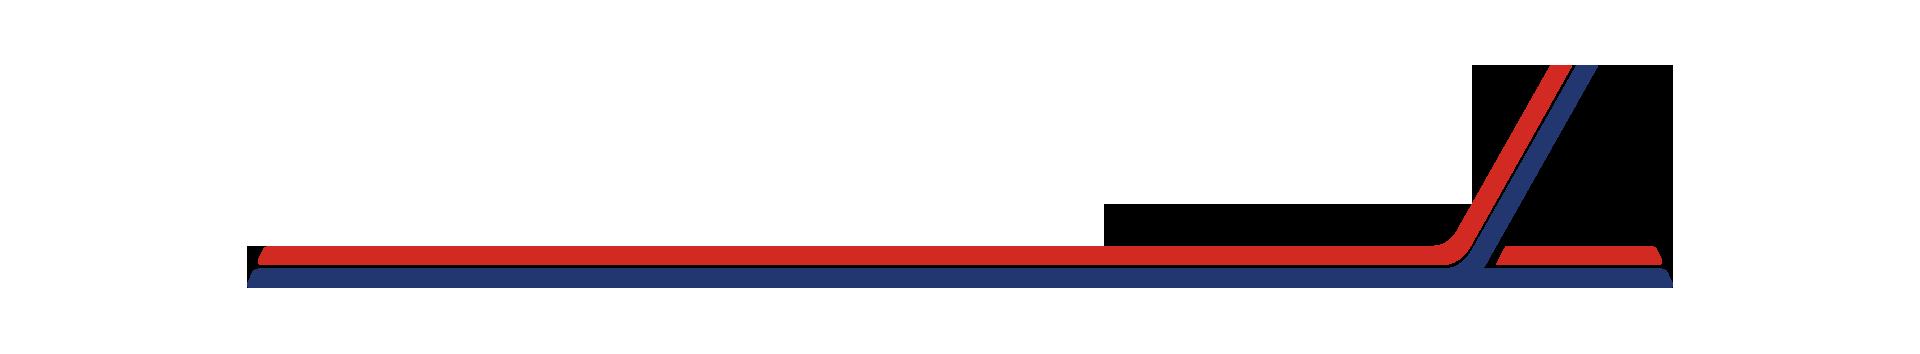 Brinkman Trans Holland